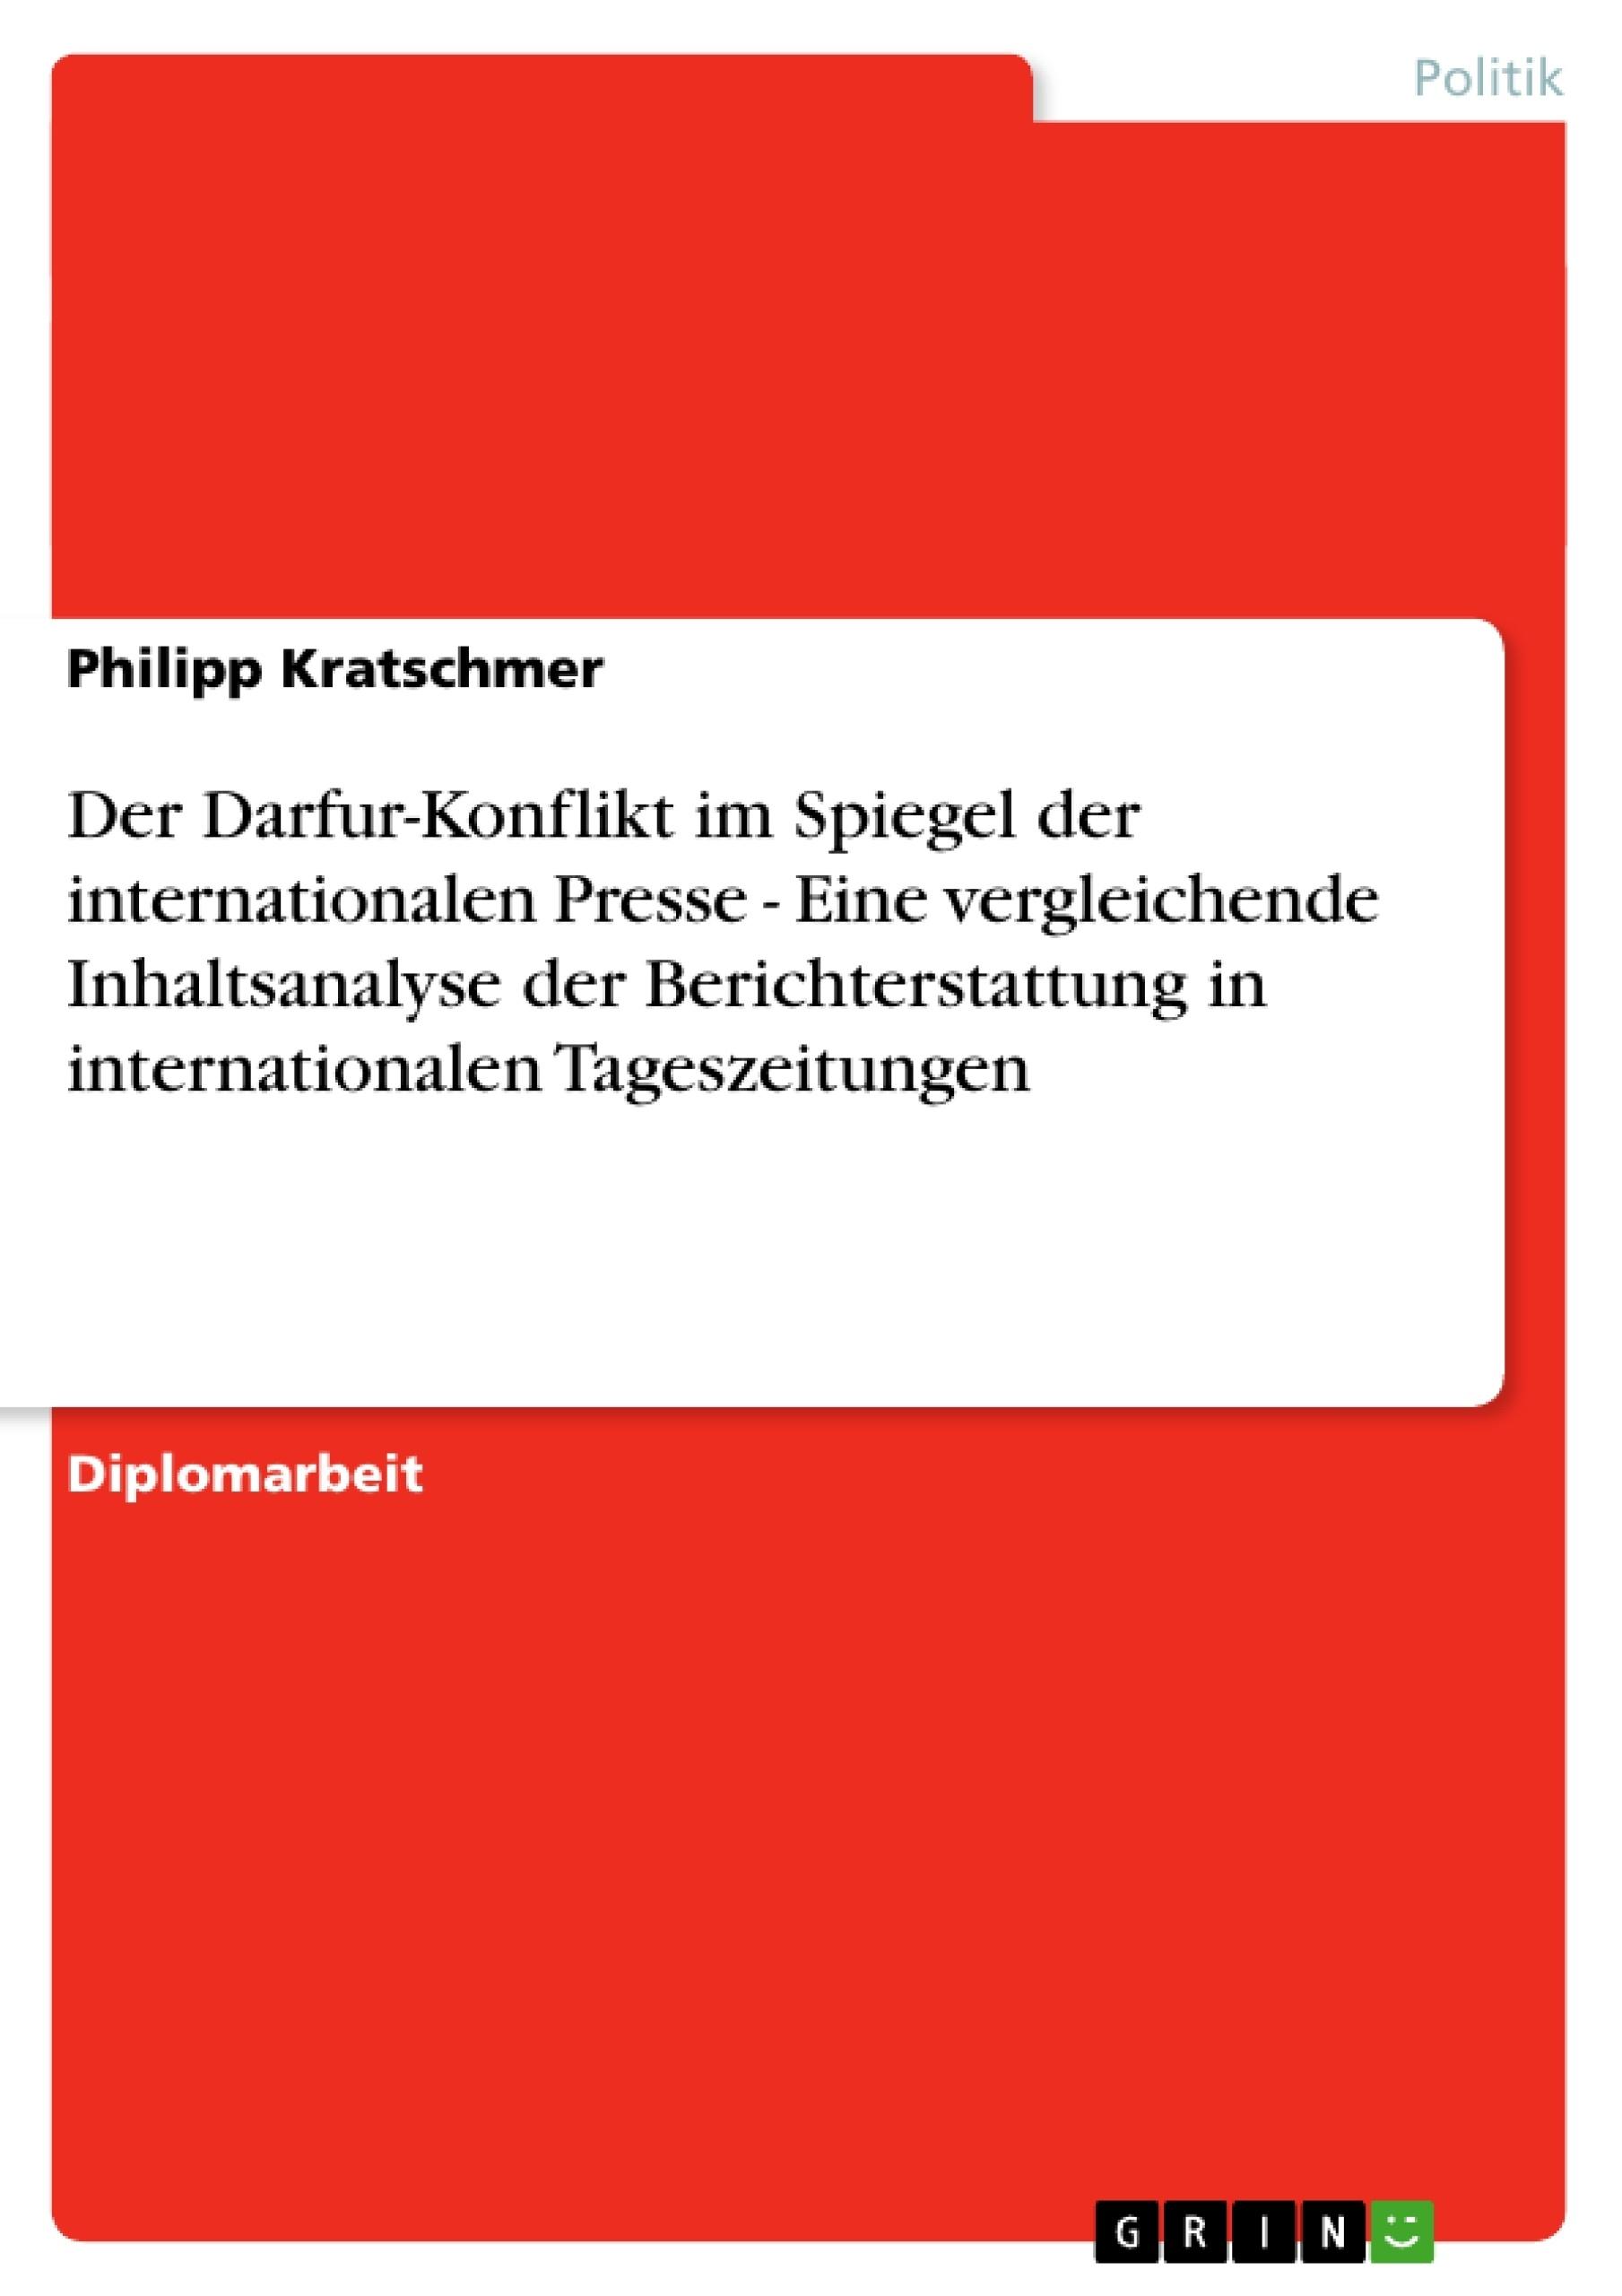 Titel: Der Darfur-Konflikt im Spiegel der internationalen Presse - Eine vergleichende Inhaltsanalyse der Berichterstattung in internationalen Tageszeitungen